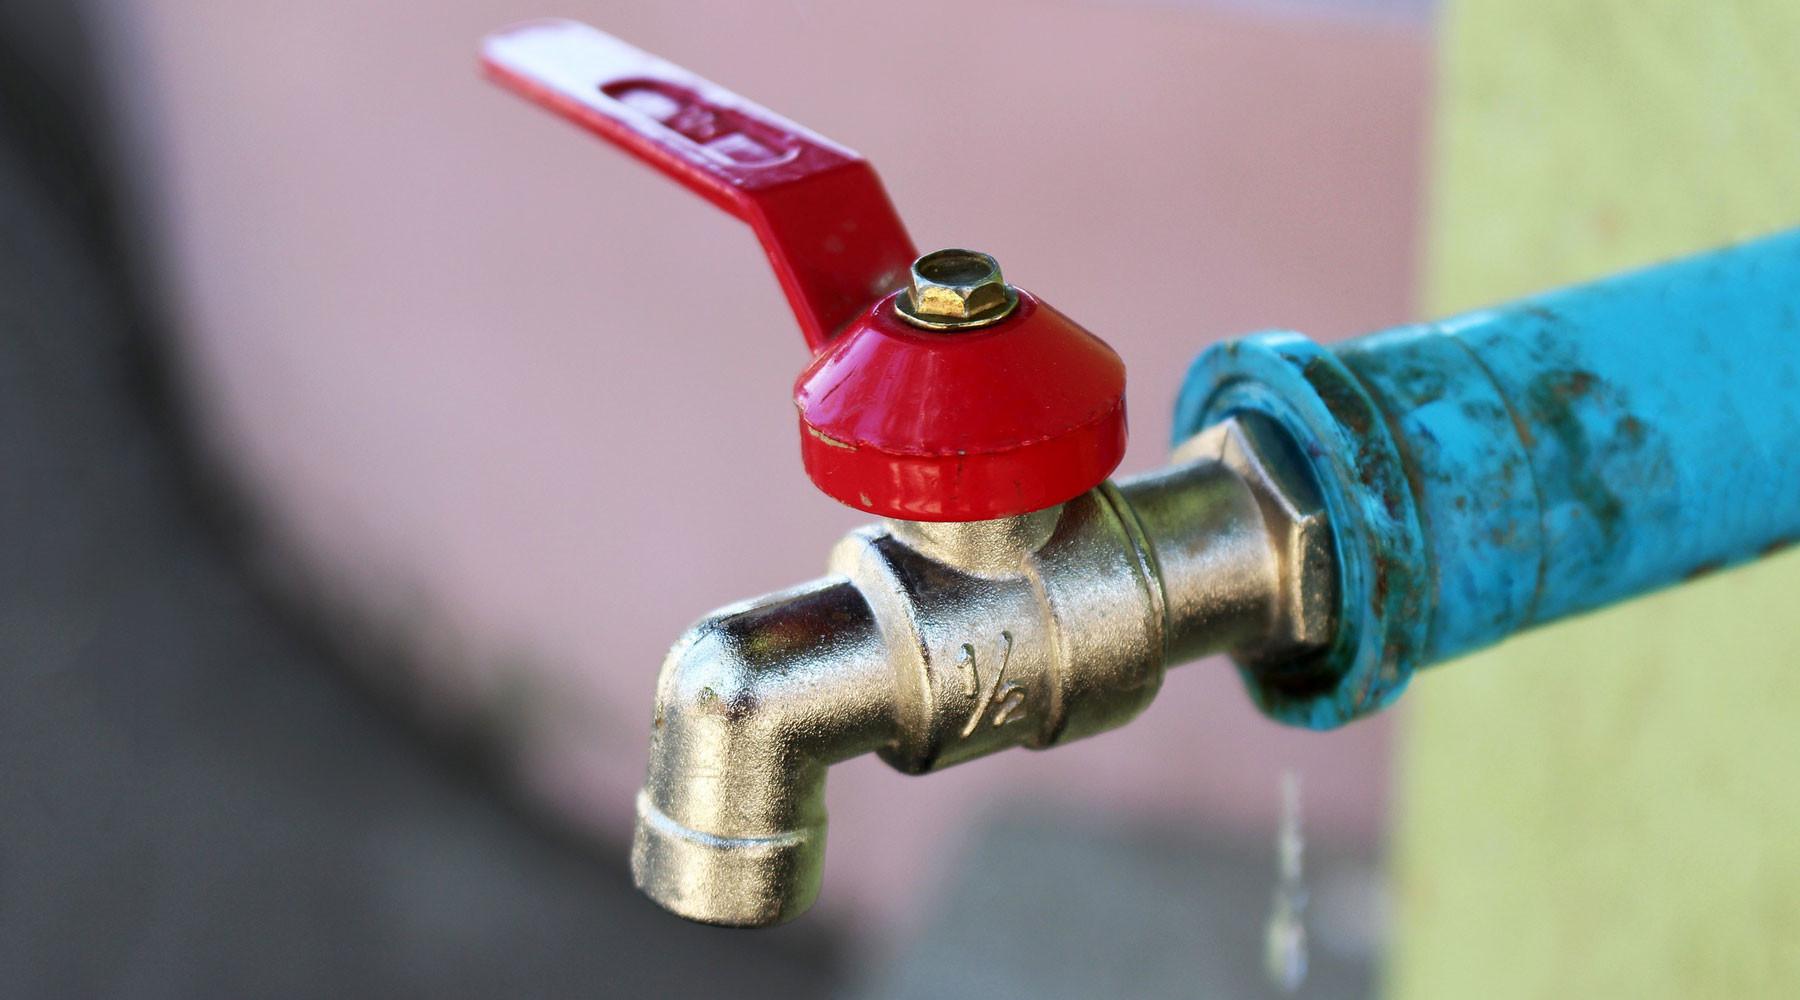 Неподъёмный кран: почему половина Киева может остаться без горячей воды до октября